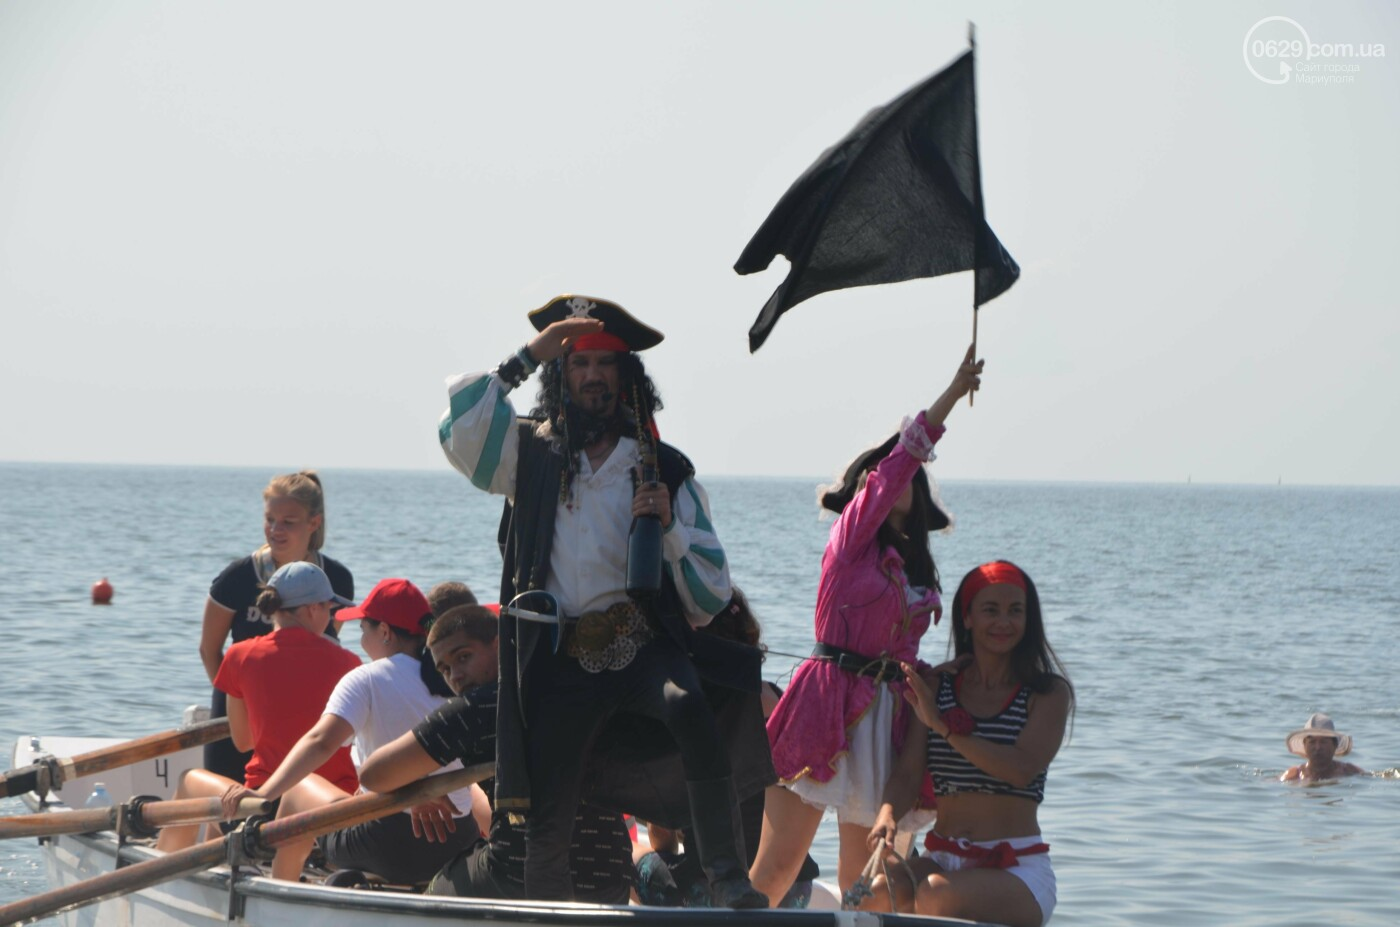 Дискотека, пираты и обливание.  Как  в Мариуполе отметили День Нептуна, - ФОТОРЕПОРТАЖ, фото-5